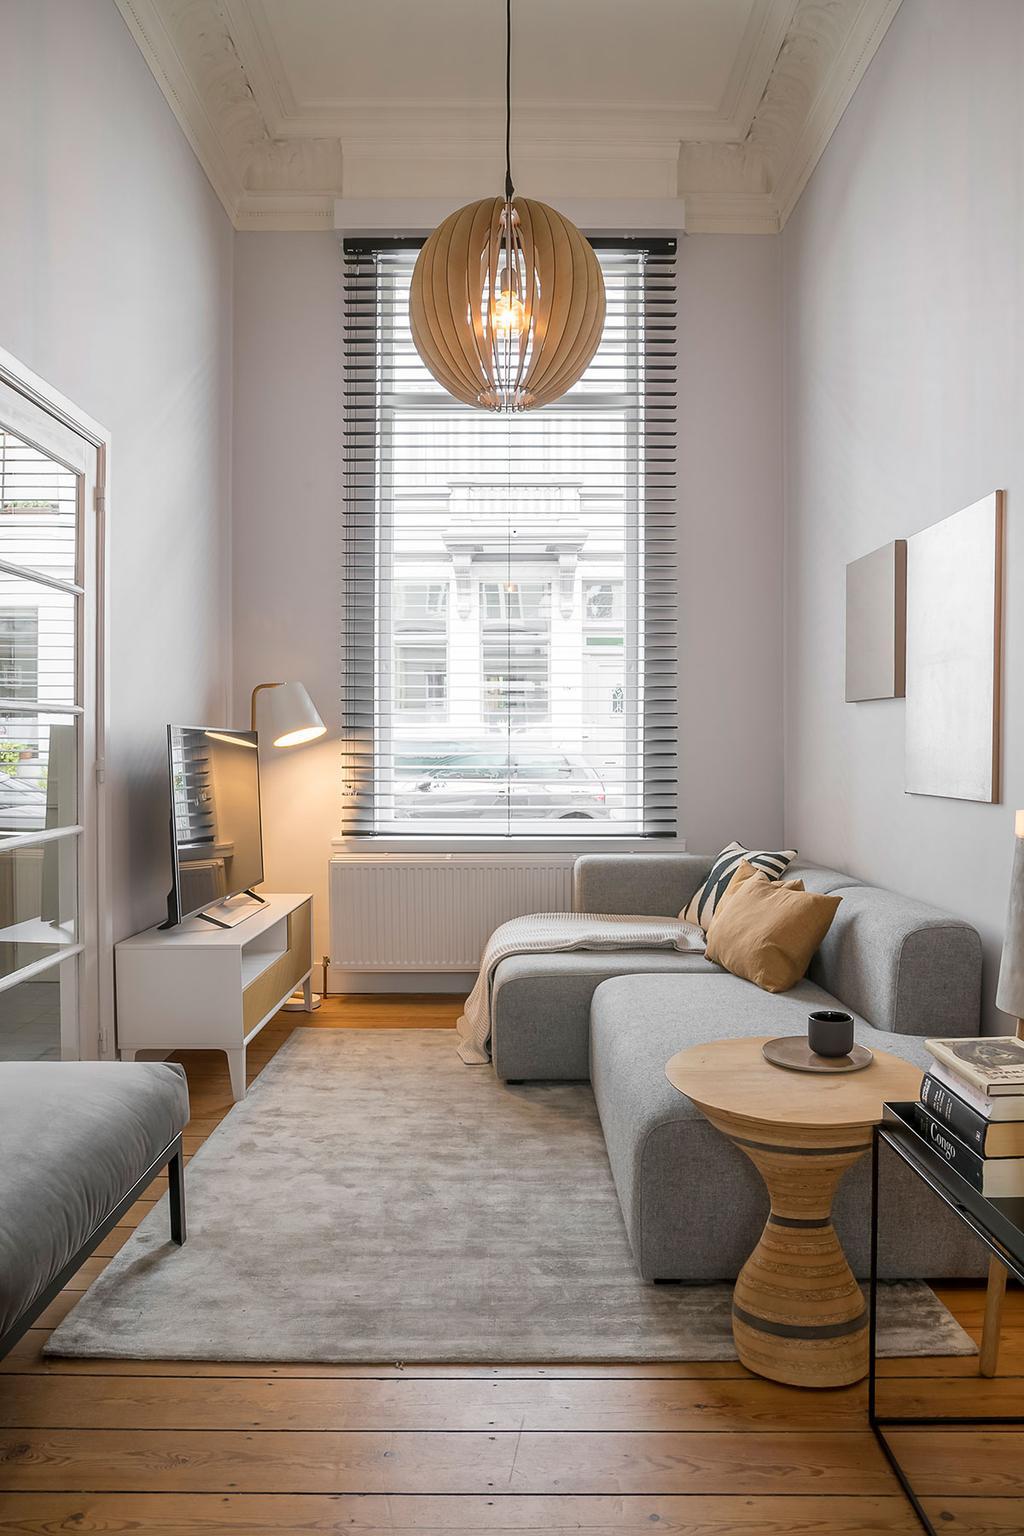 Raamdecoratie van Heytens in de woonkamer van Lukas en Katrien uit de tweede aflevering van het tweede seizoen van Een frisse start met vtwonen.